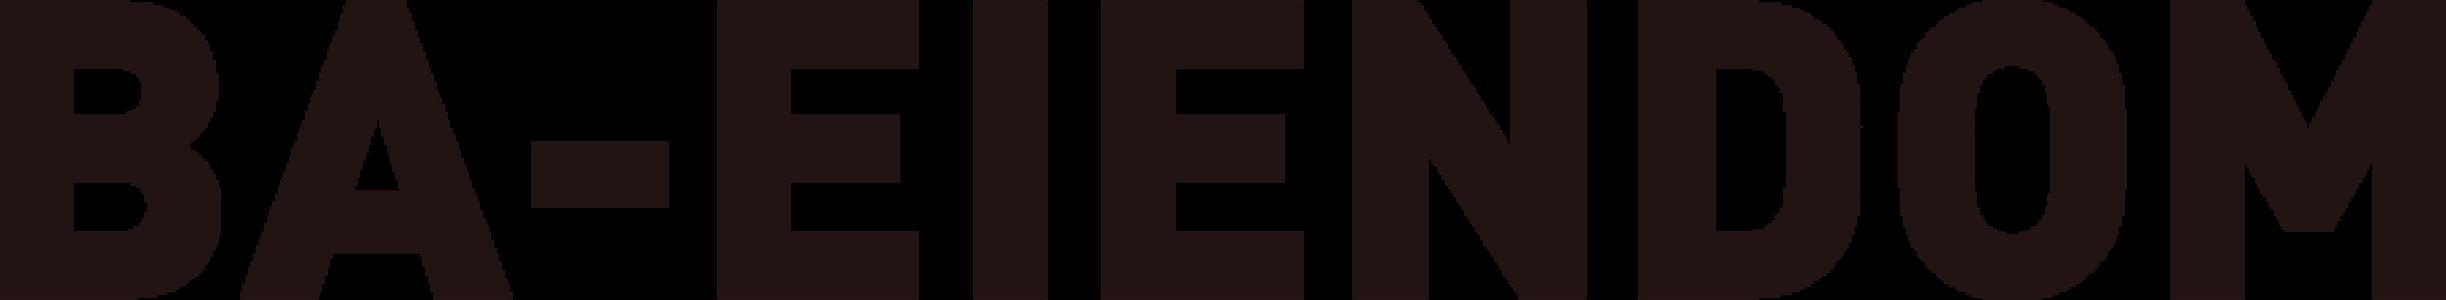 BA-Eiendom